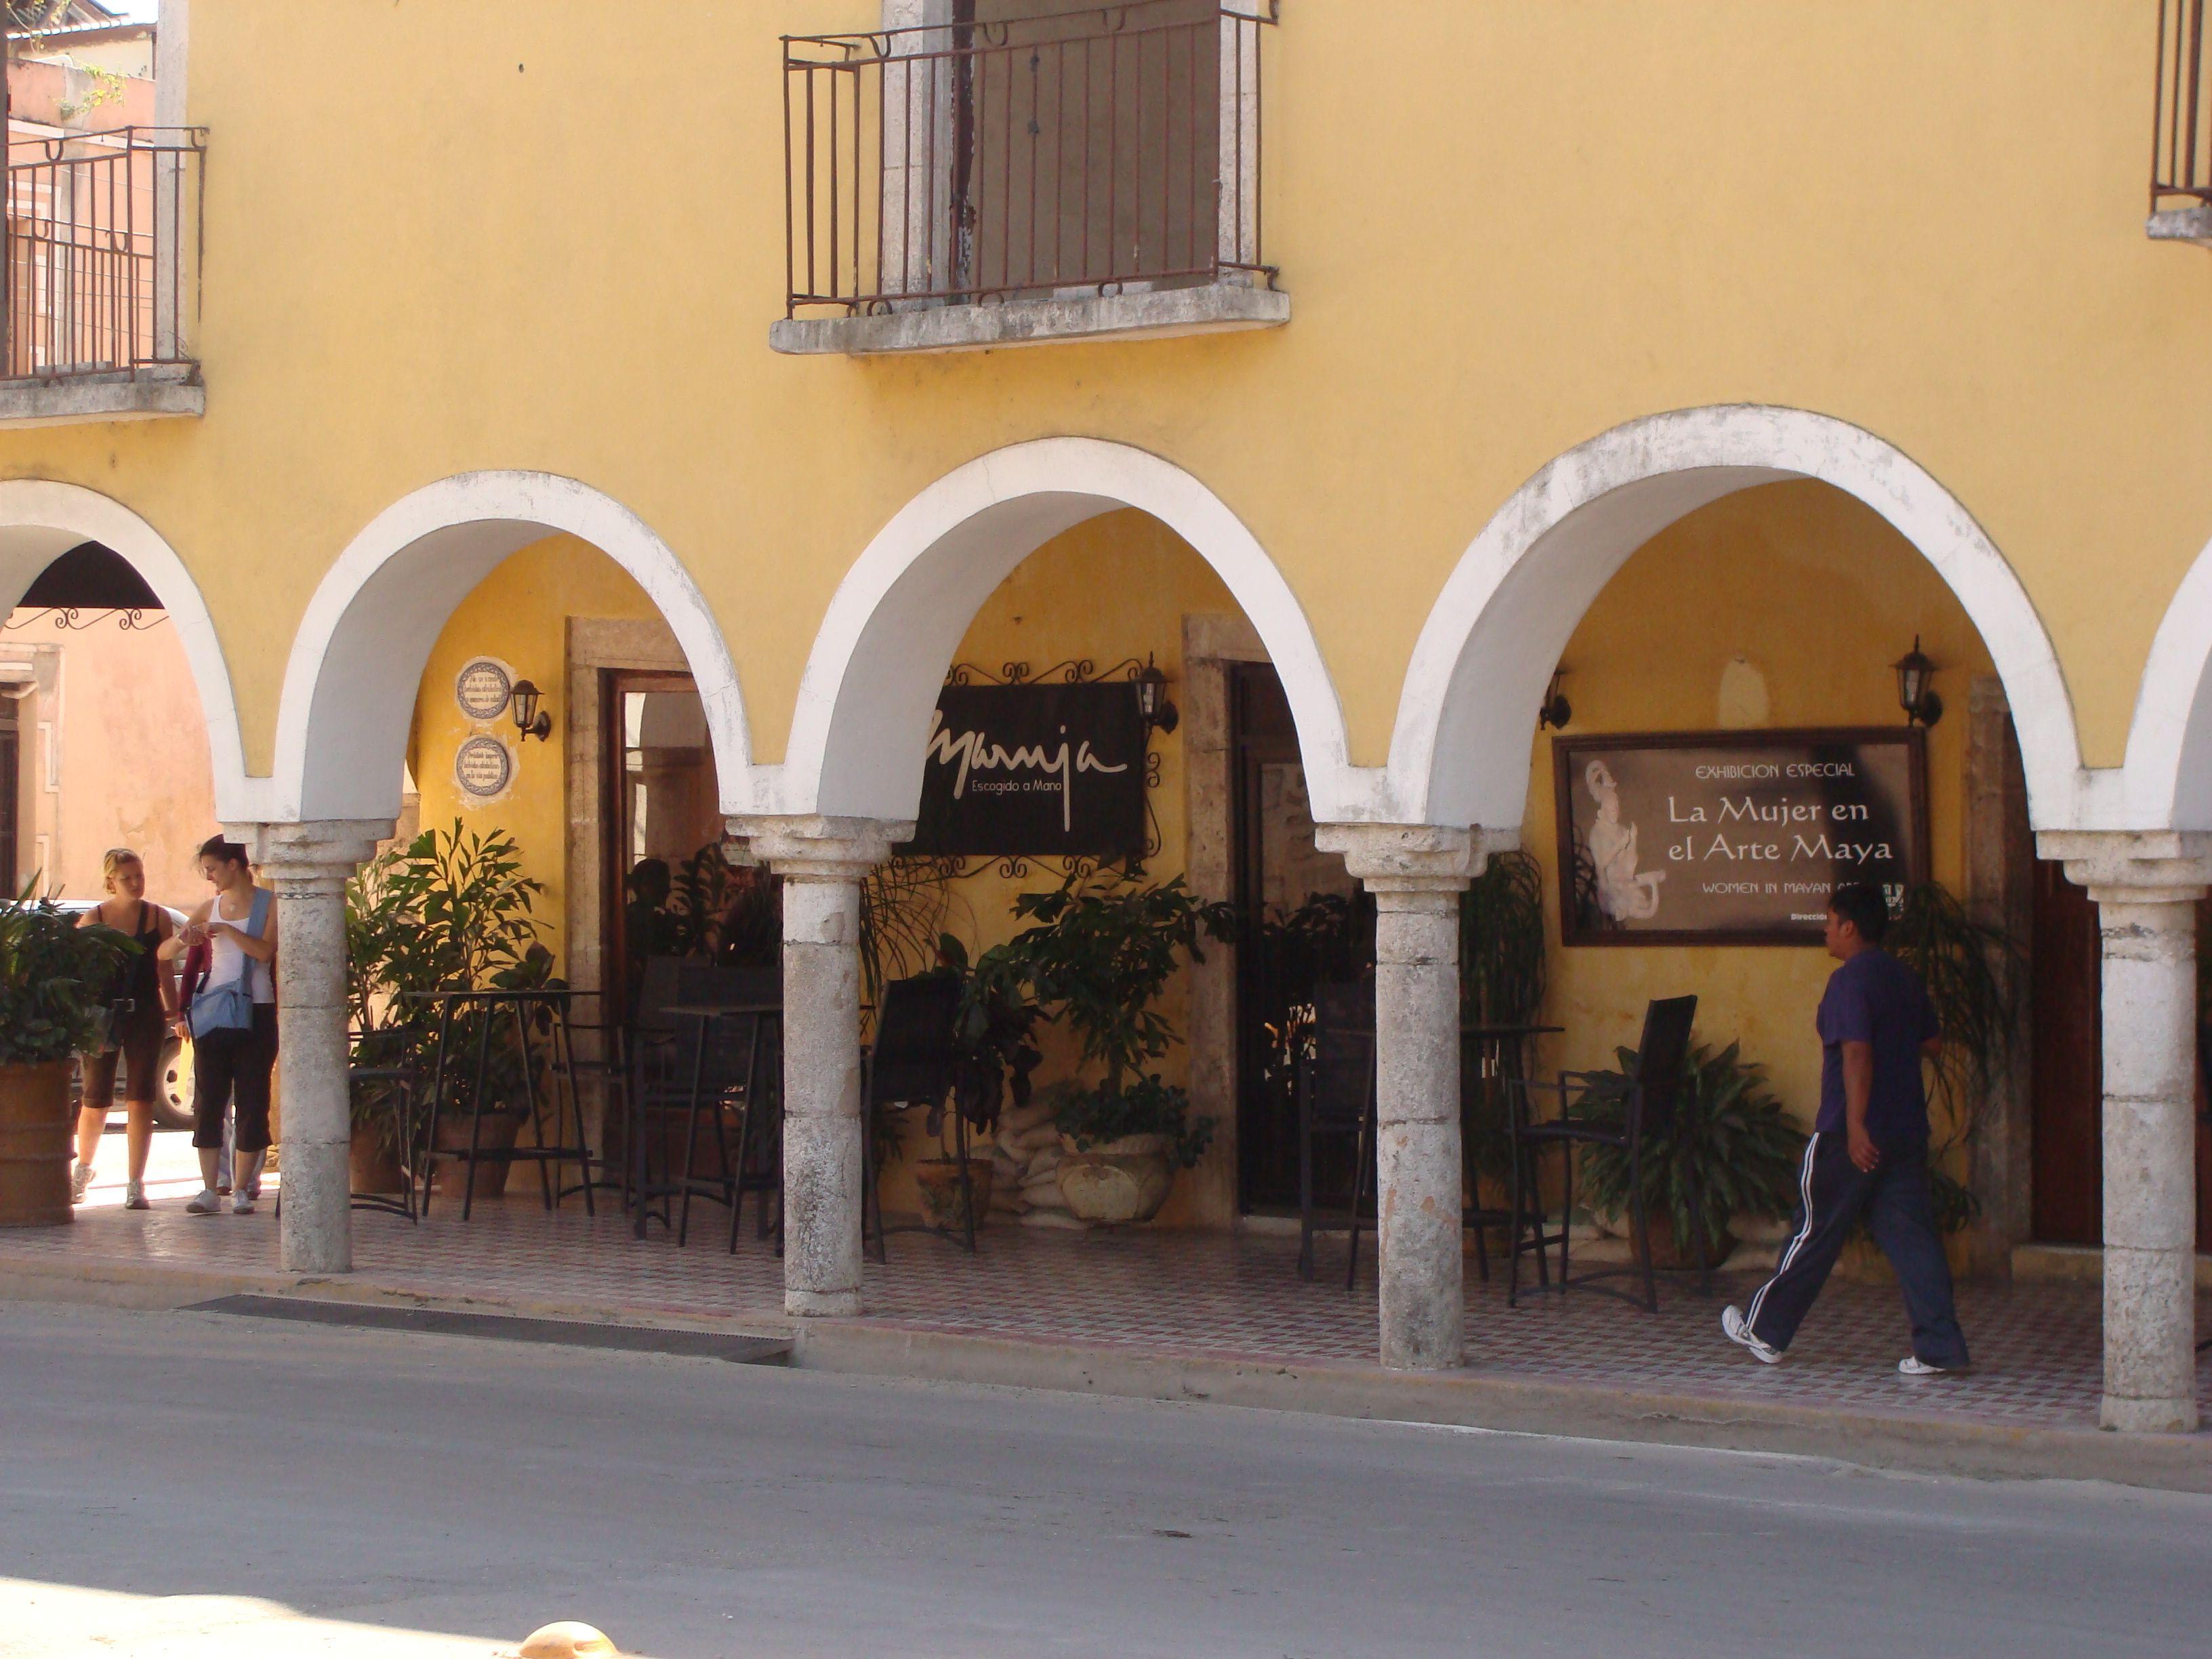 Ich liebe die Kolonialarchitektur @ Valladolid, Mexiko